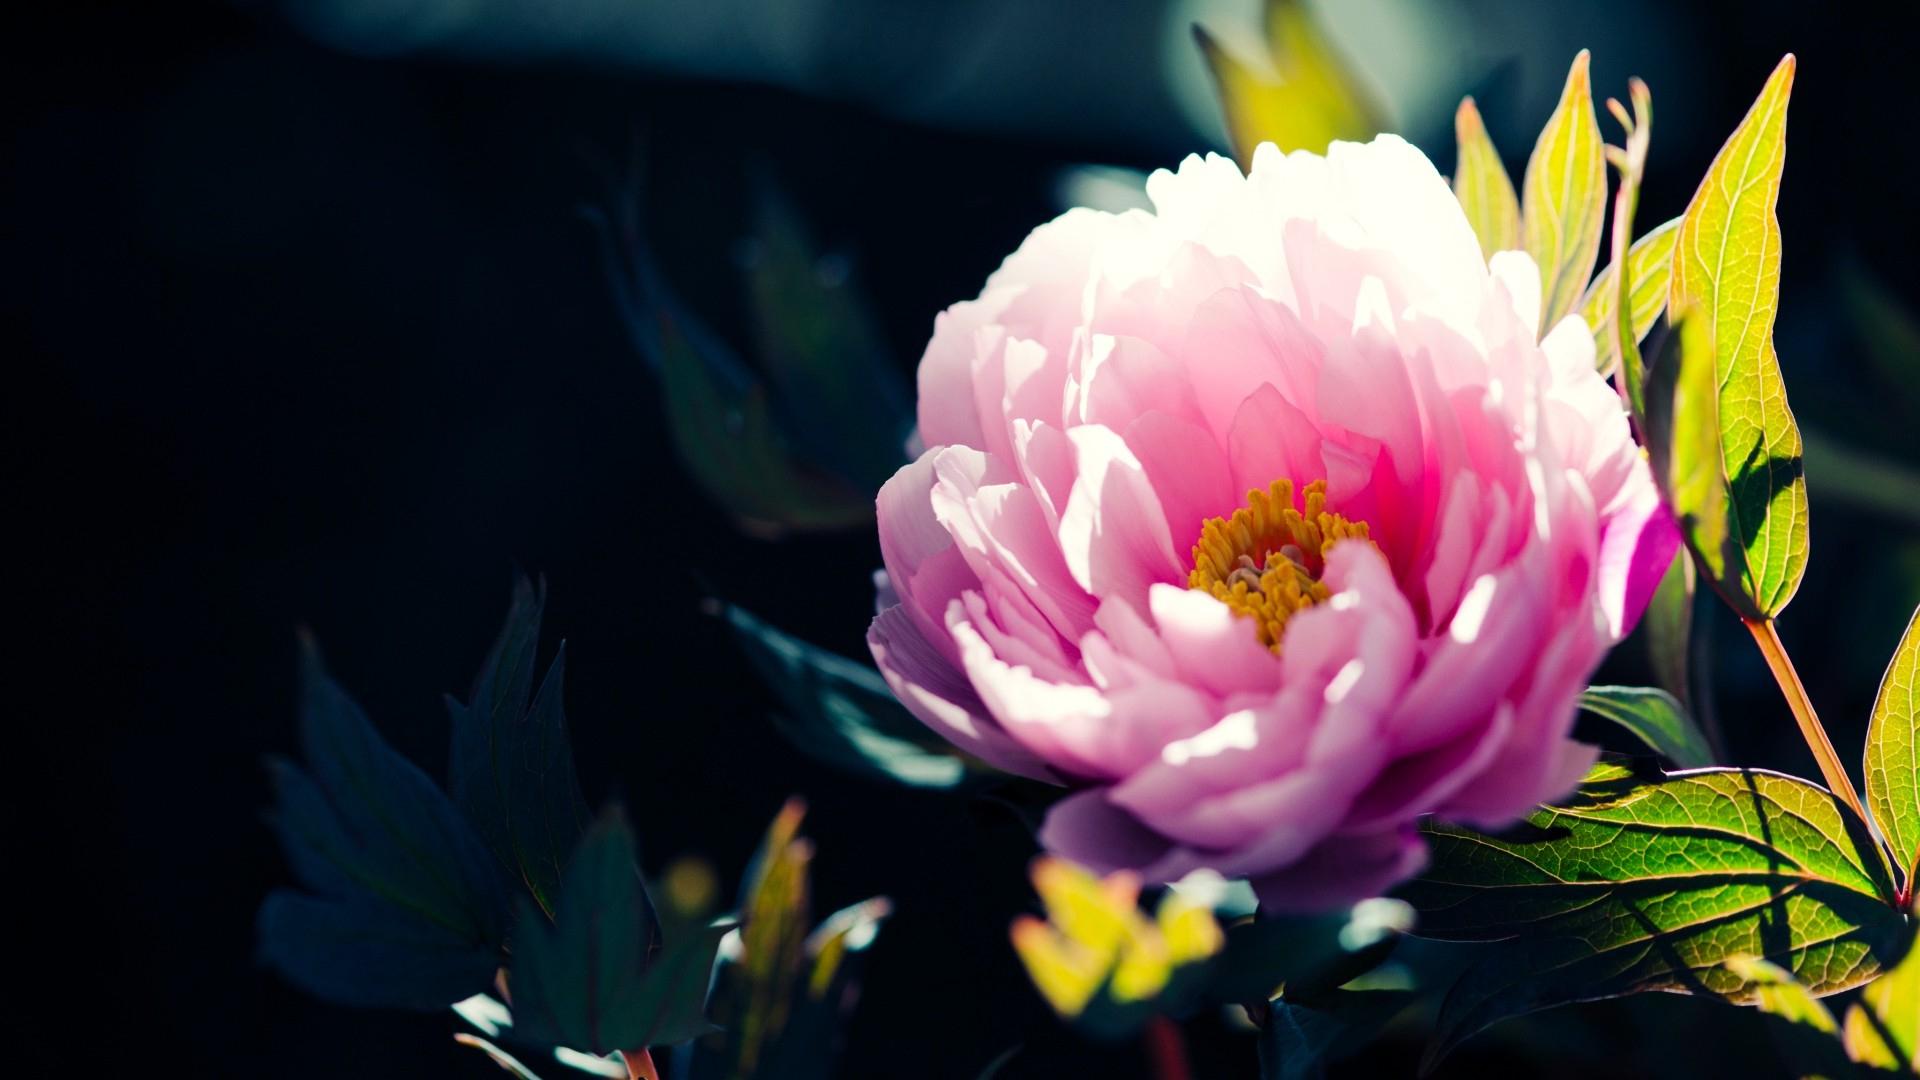 Fleur Rose Printemps Fond Écran - 10 000 Fonds D'Écran Hd intérieur Fond ?Cran Fleurs Et Oiseaux